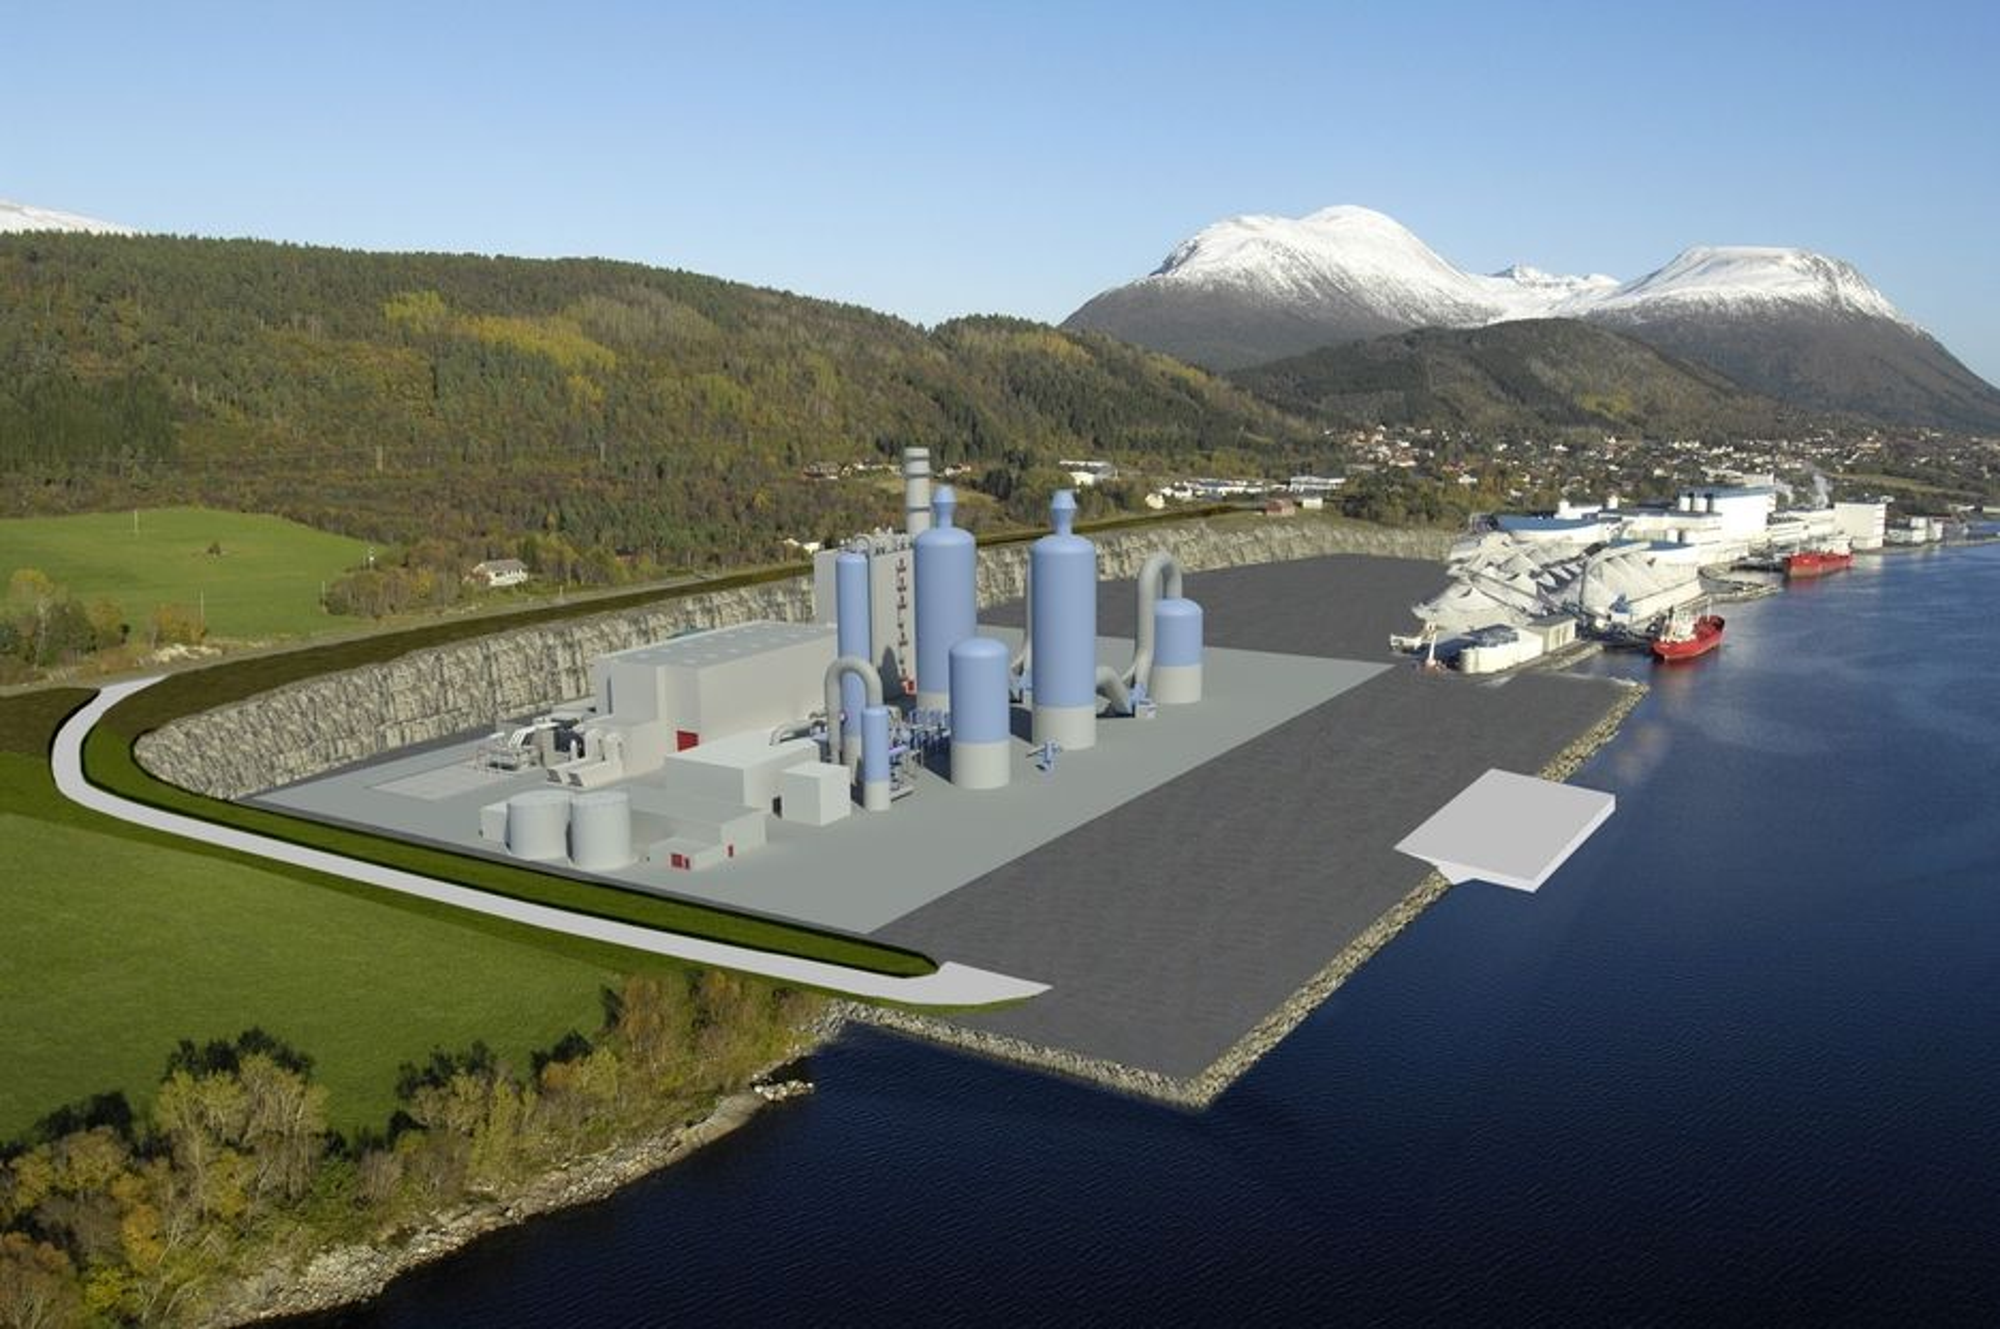 KLAGER TIL ESA: Esa har mottatt klage over at norske myndigheter krever fangst og lagring av CO2 fra oppstart. Kravet har så langt satt en stopper for gasskraftverk i Fræna i Møre og Romsdal.